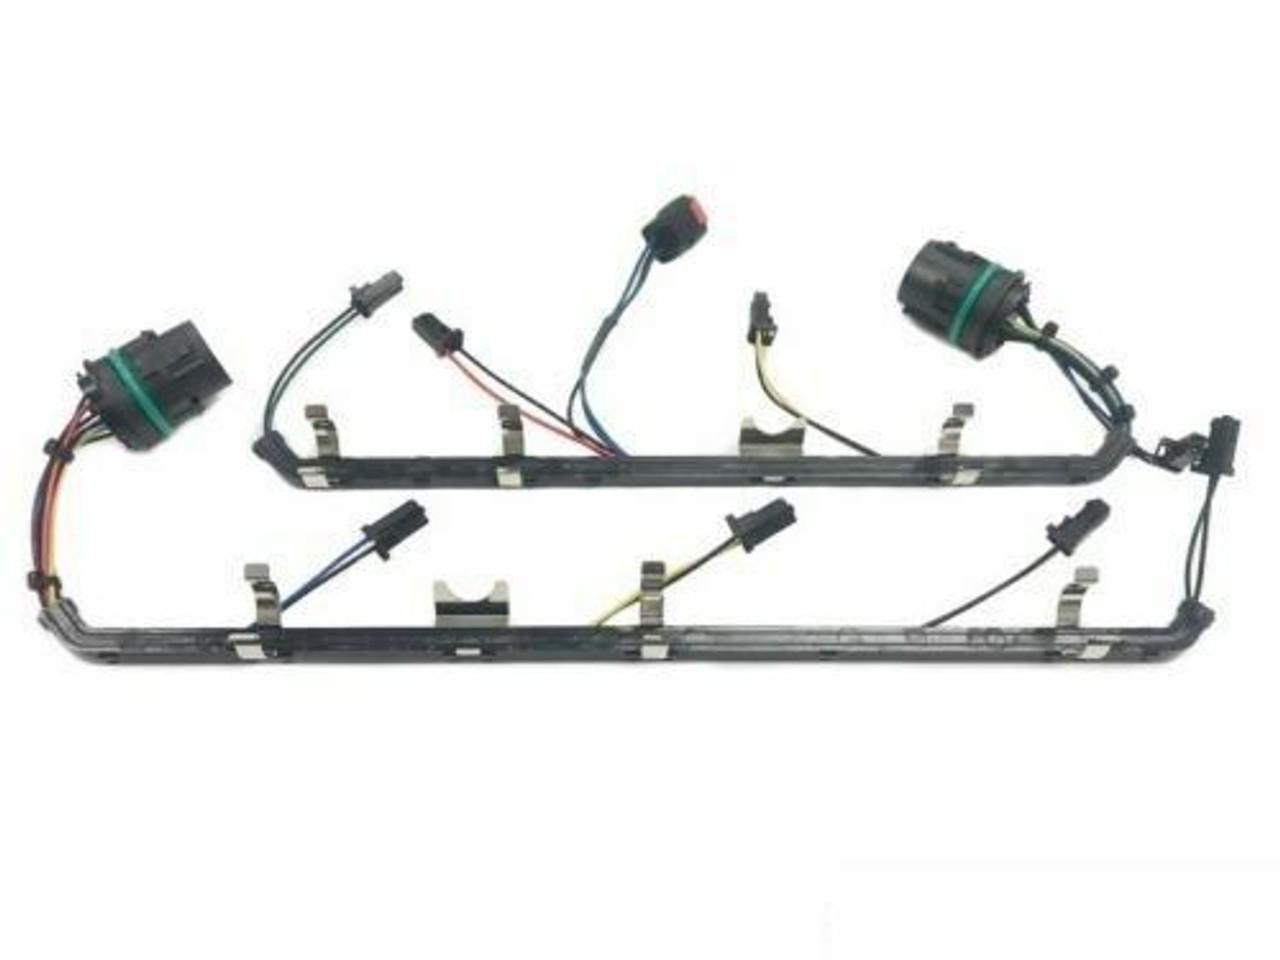 2008-2010 6.4L Ford Powerstroke Diesel Fuel Injector Wire